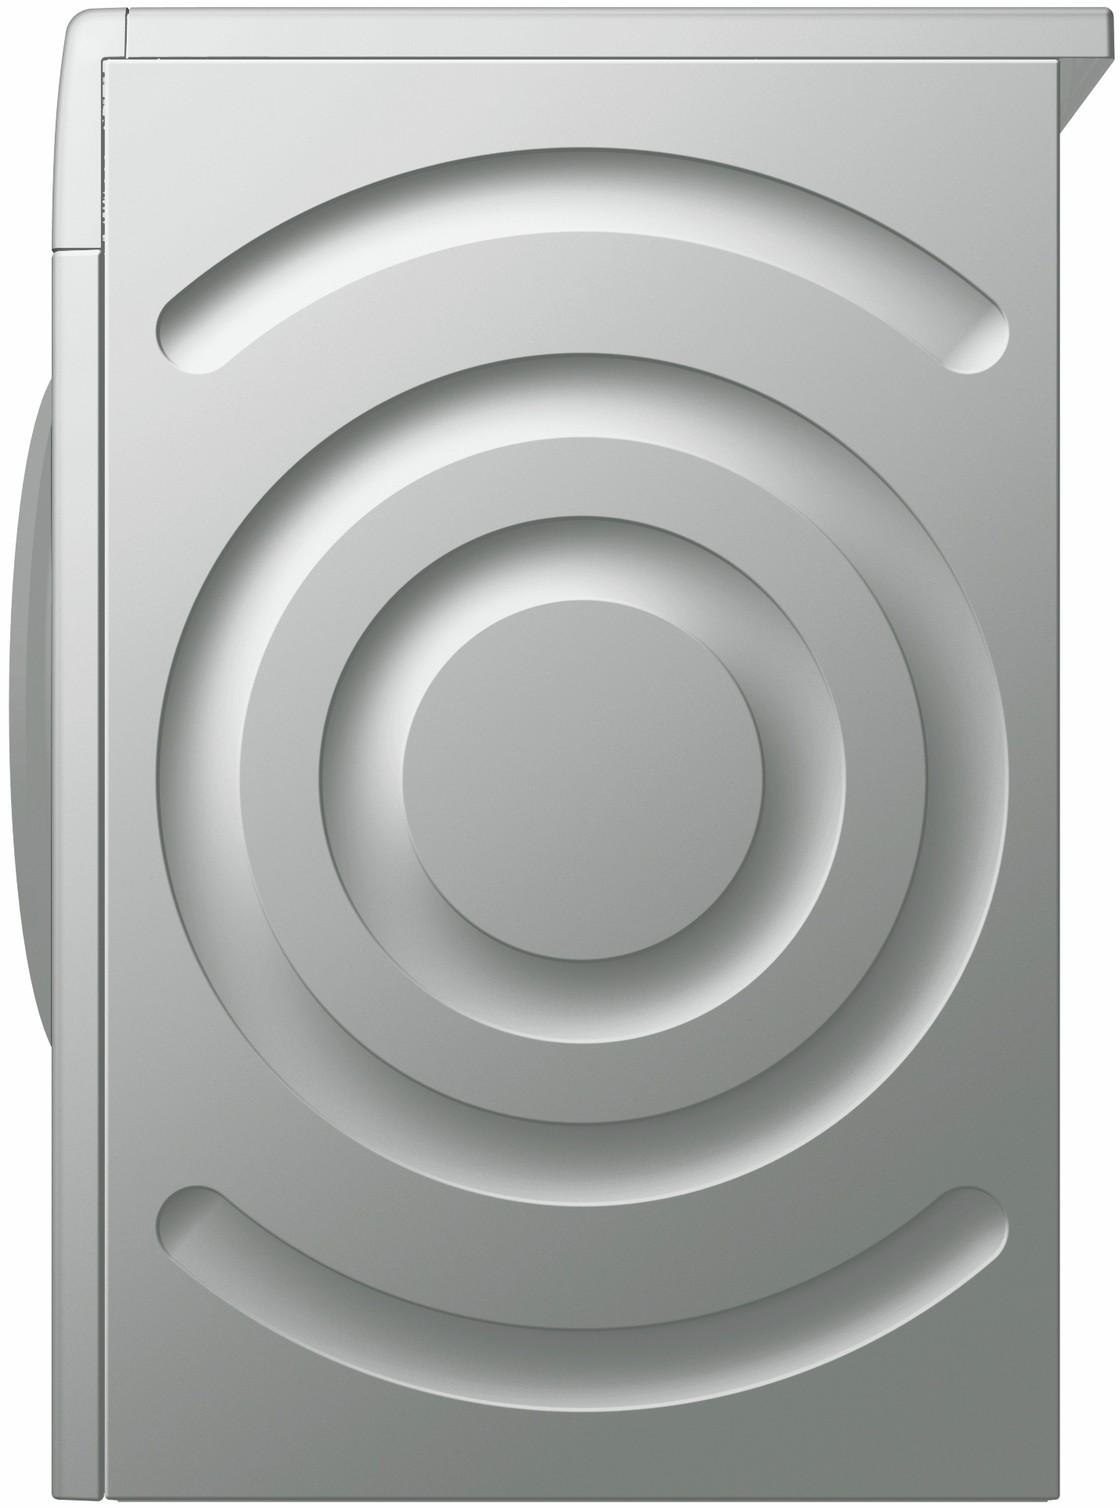 Bosch Wat28320 Test With